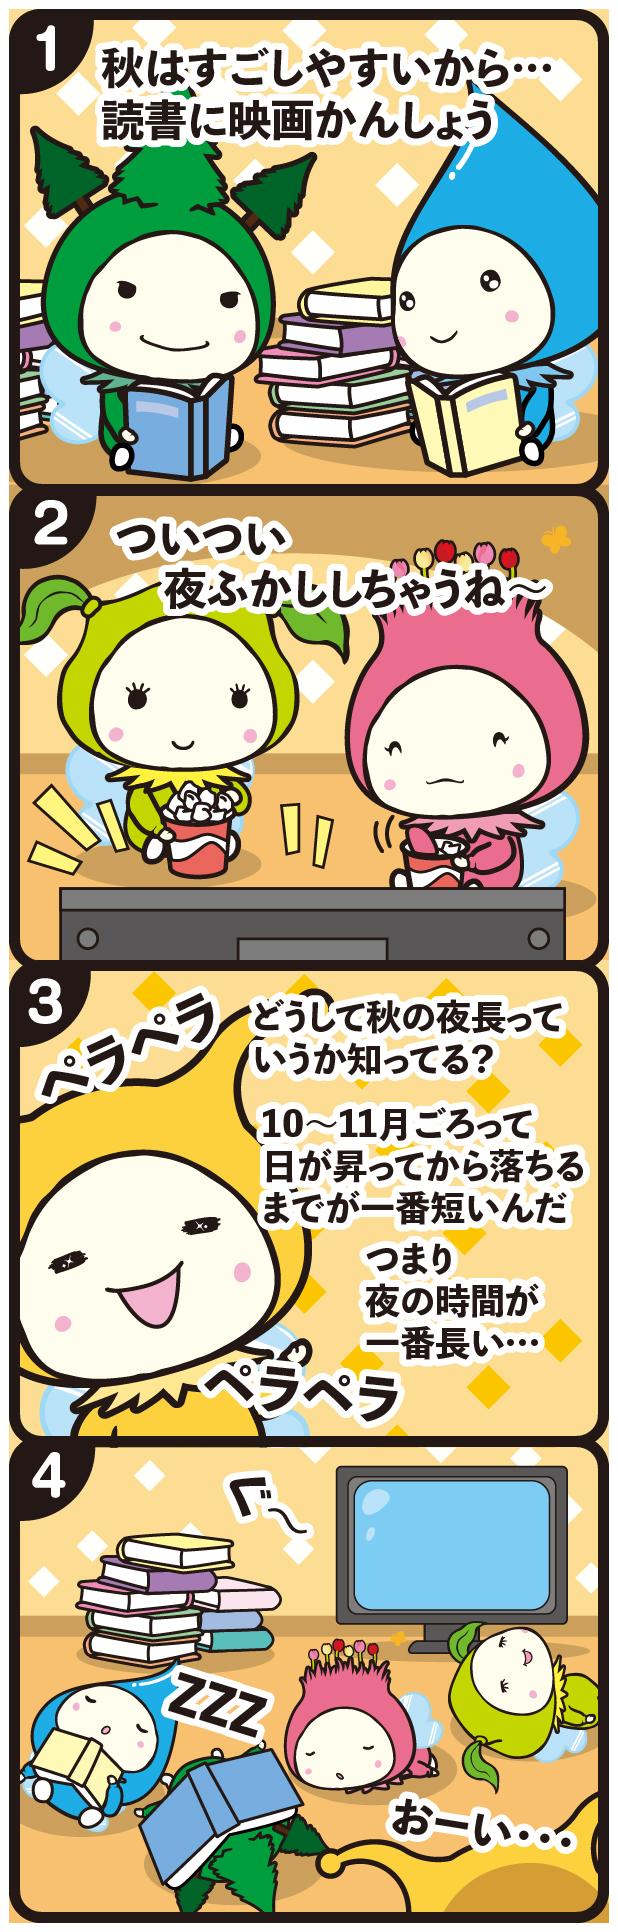 comic_213